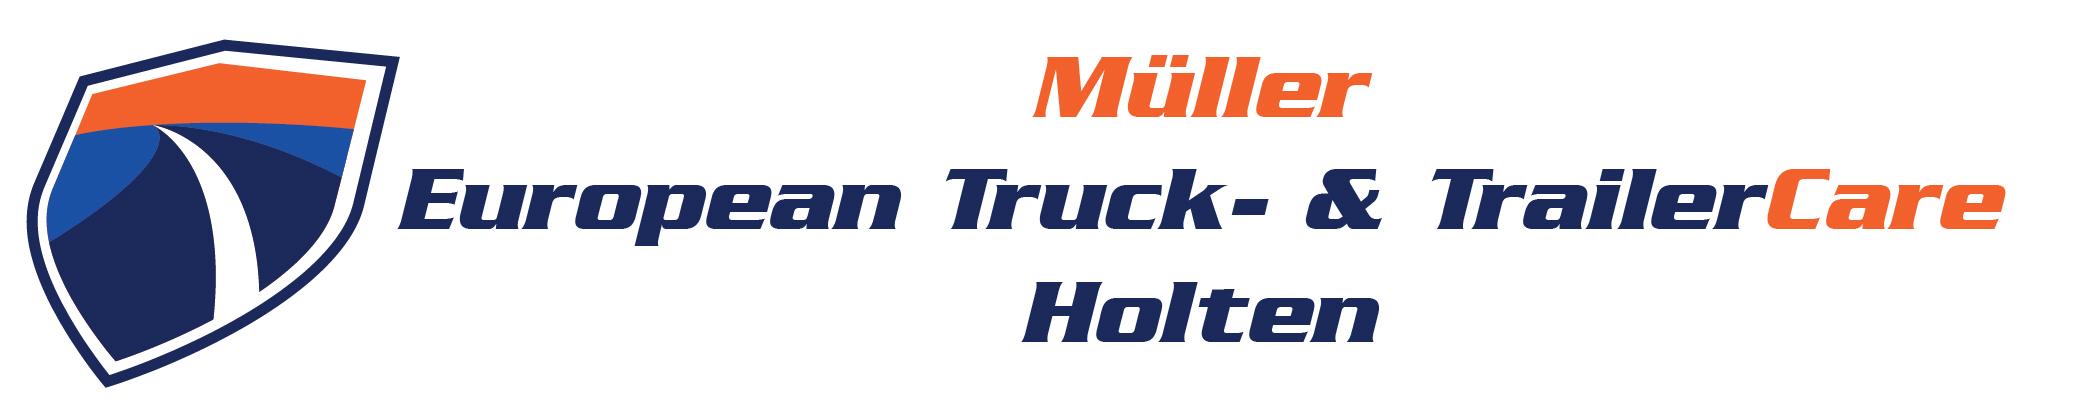 muller-european-truck-trailer-care-holten